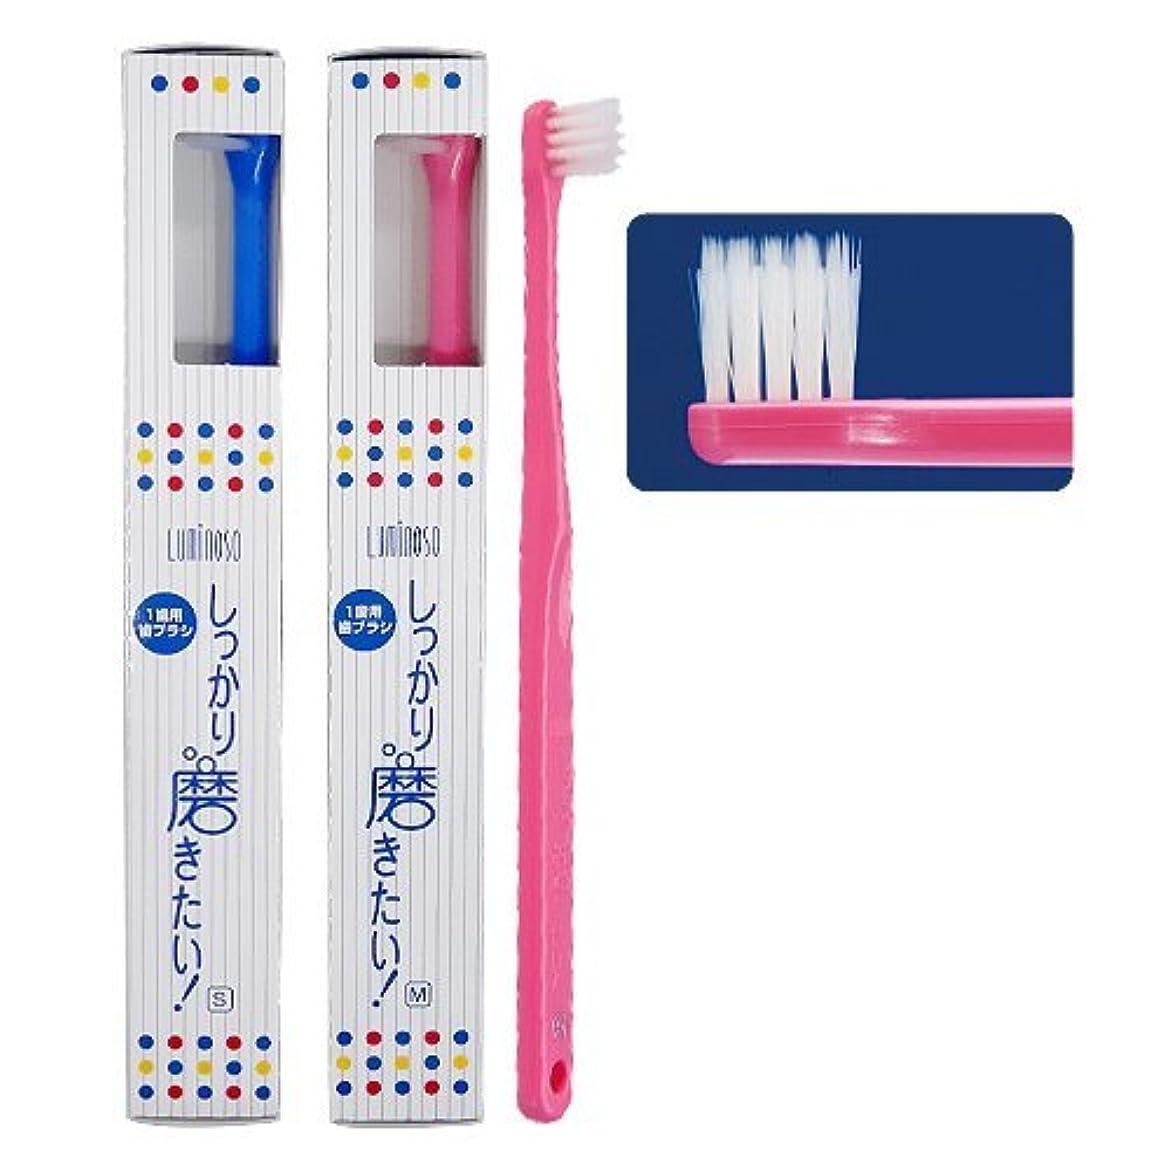 褒賞お手伝いさん辞任ルミノソ 1歯用歯ブラシ「しっかり磨きたい!」スタンダード ミディアム (カラー指定不可) 5本